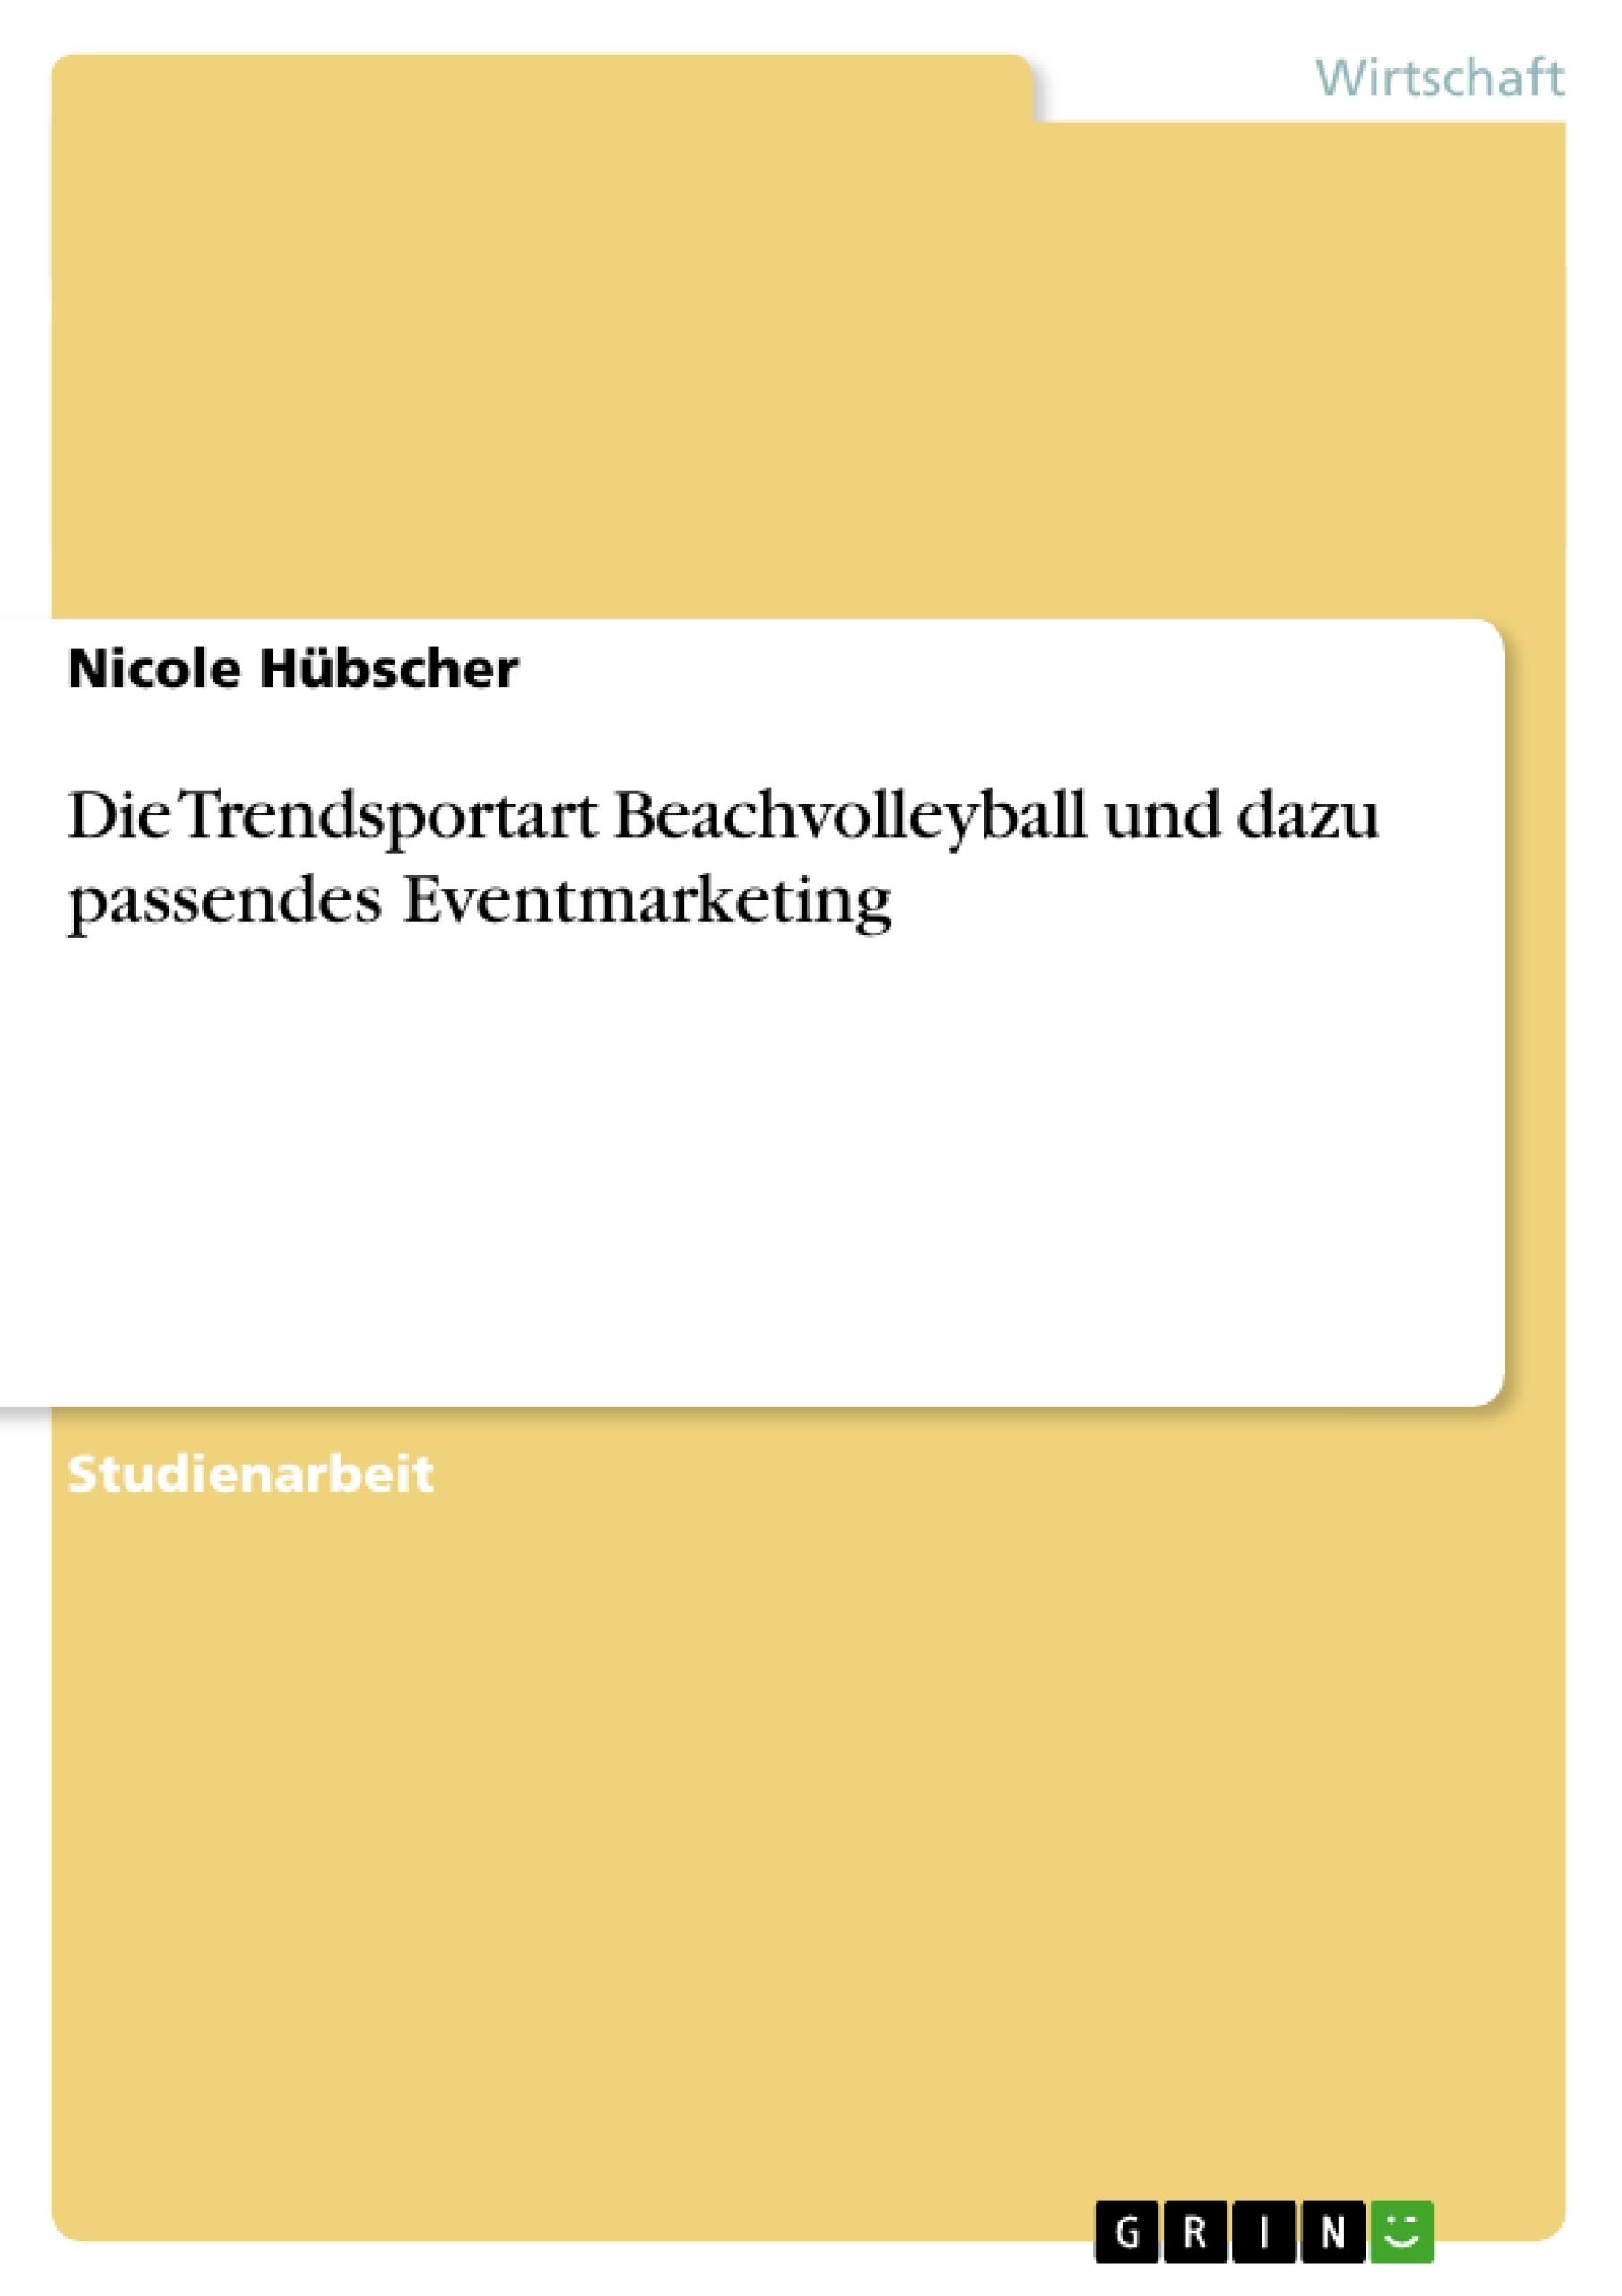 Titel: Die Trendsportart Beachvolleyball und dazu passendes Eventmarketing